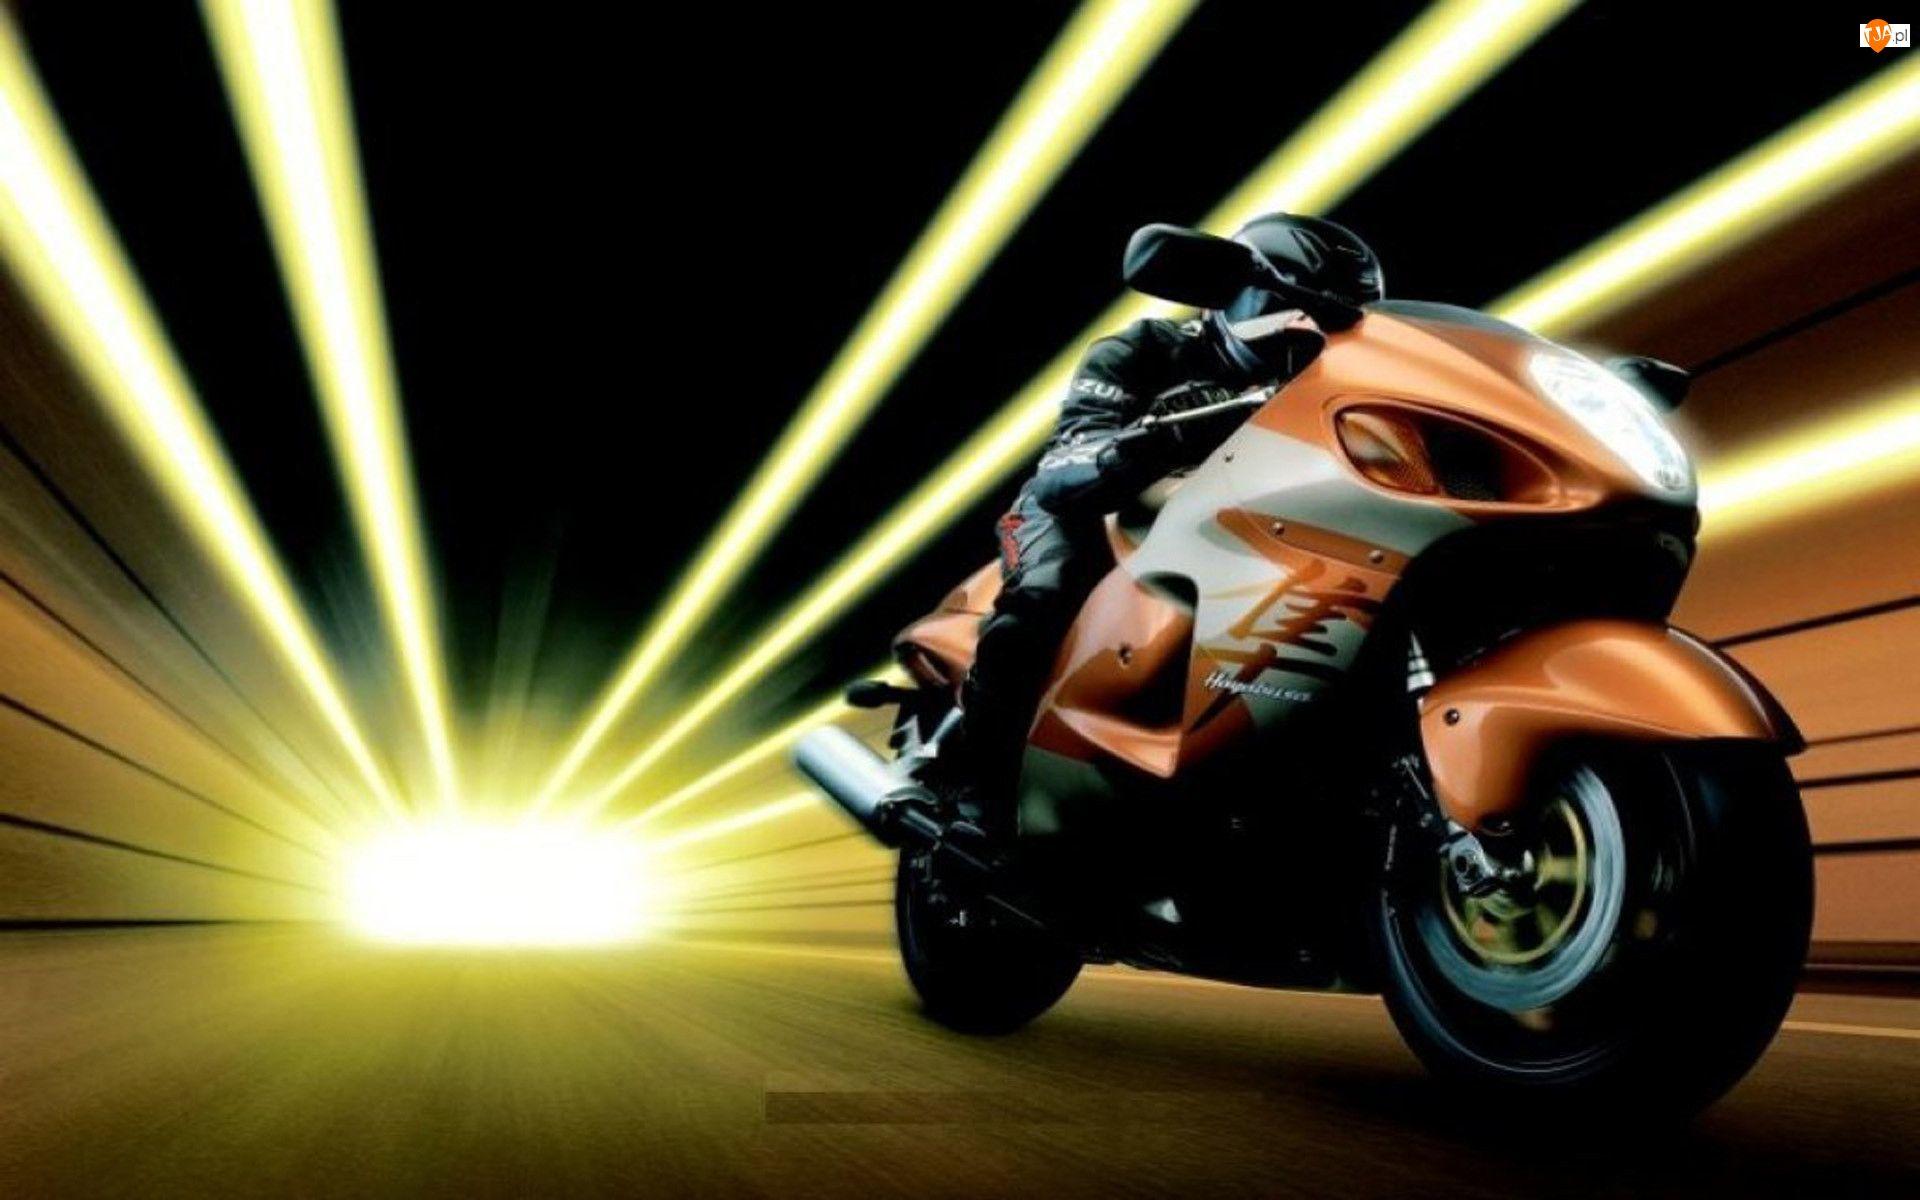 opony , siedzenie , promienie, kierownica, tłumik , Motory Suzuki, koła, lusterka, światła